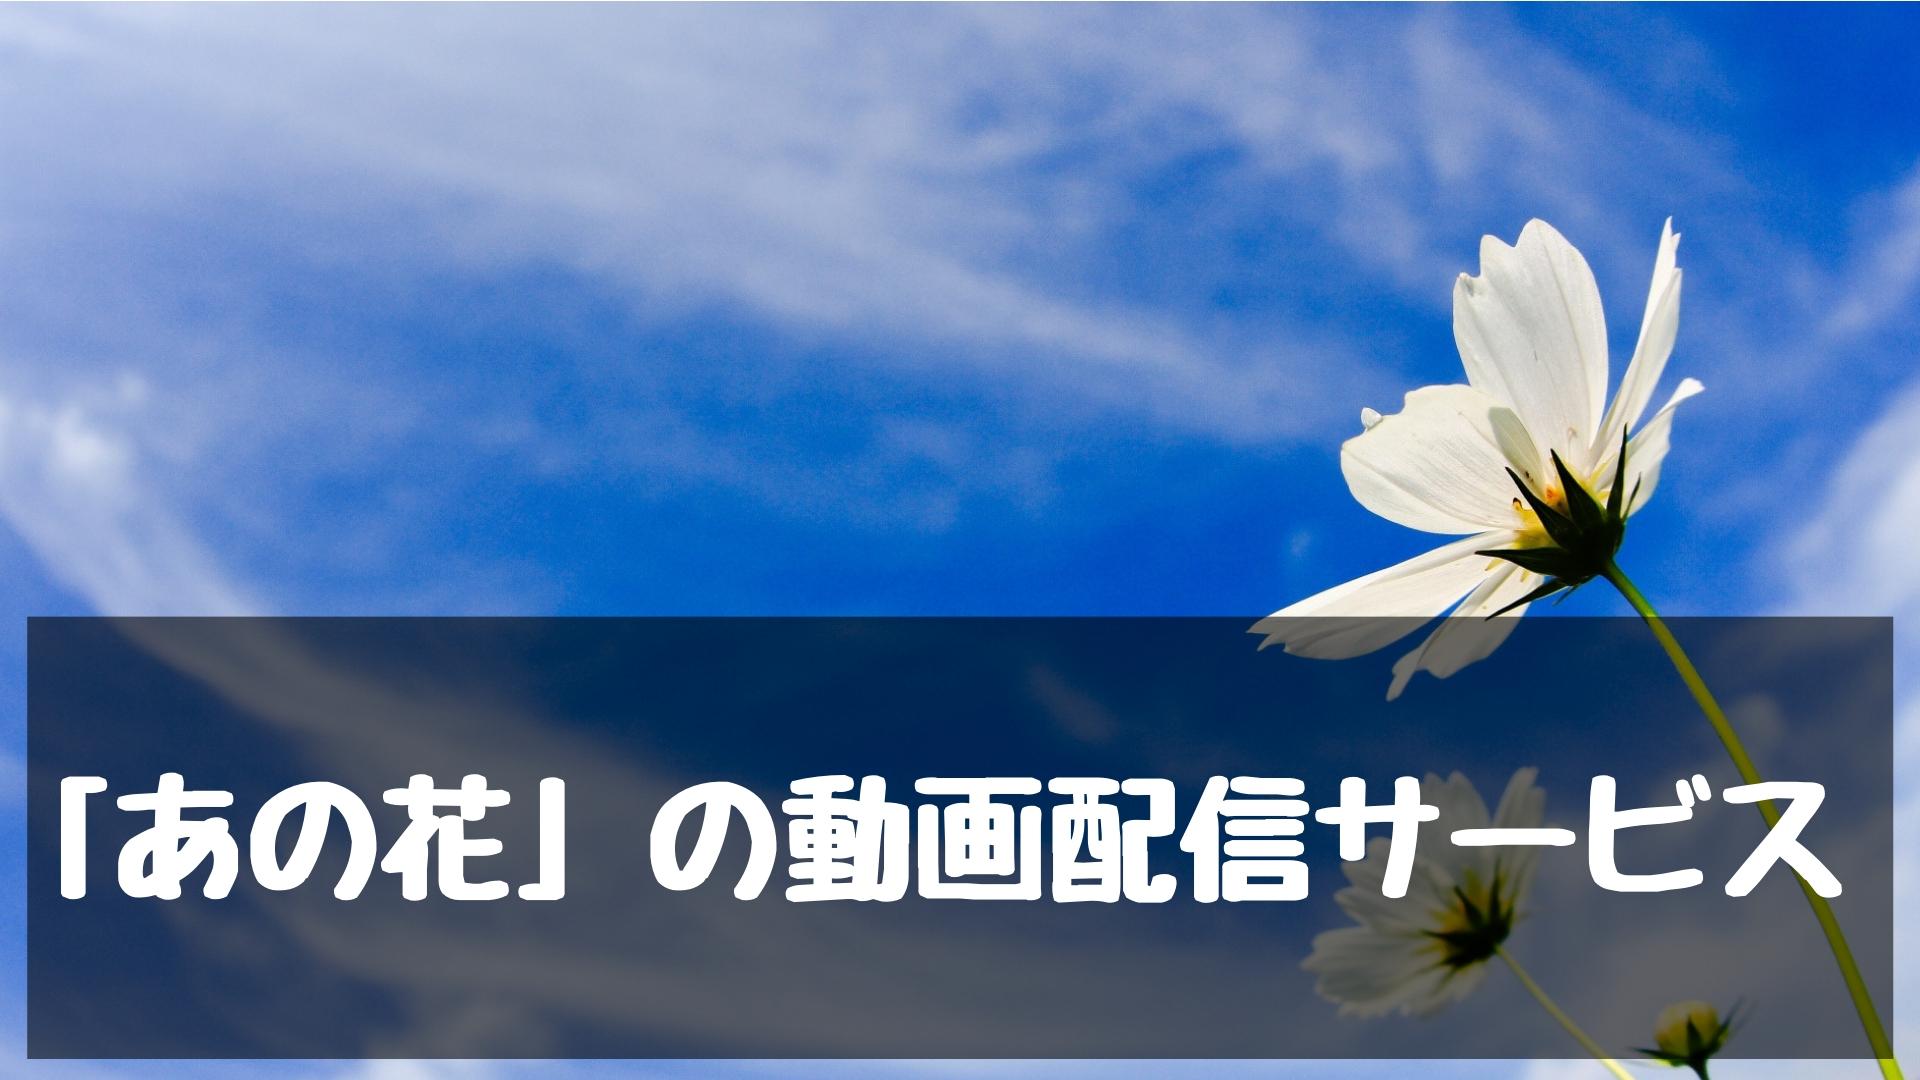 アニメ「あの日見た花の名前を僕達はまだ知らない。」の動画配信サービスまとめ【高画質で見放題】